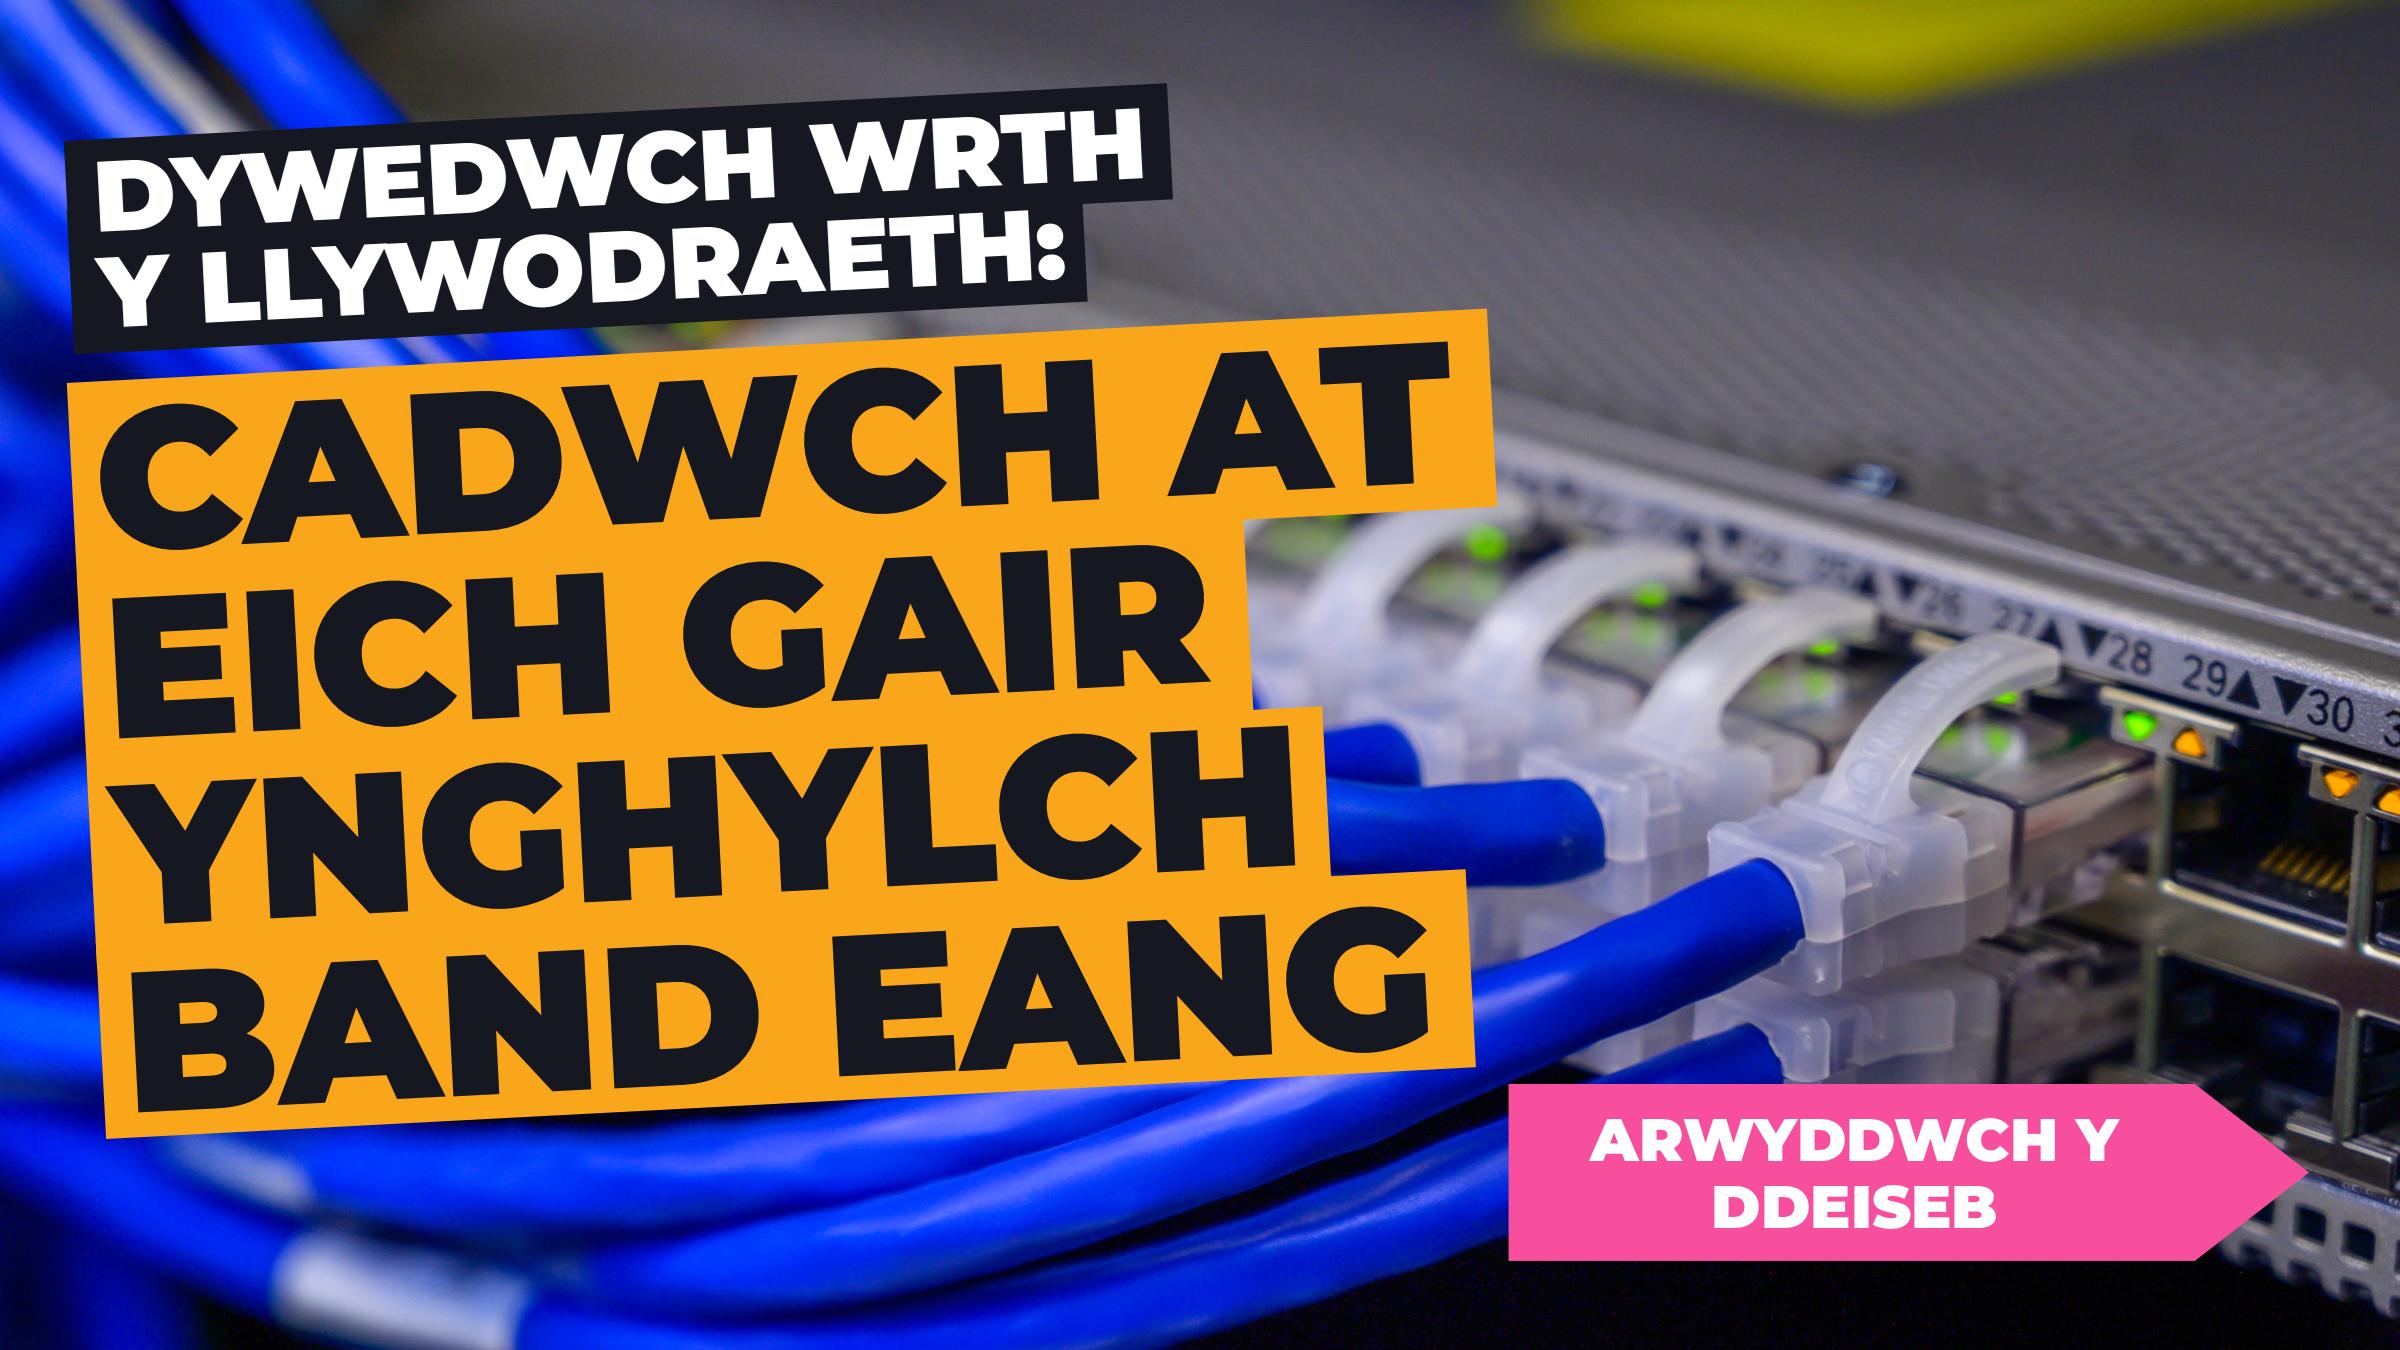 DYWEDWCH WRTH Y LLYWODRAETH: CADWCH AT EICH GAIR YNGHYLCH BAND EANG